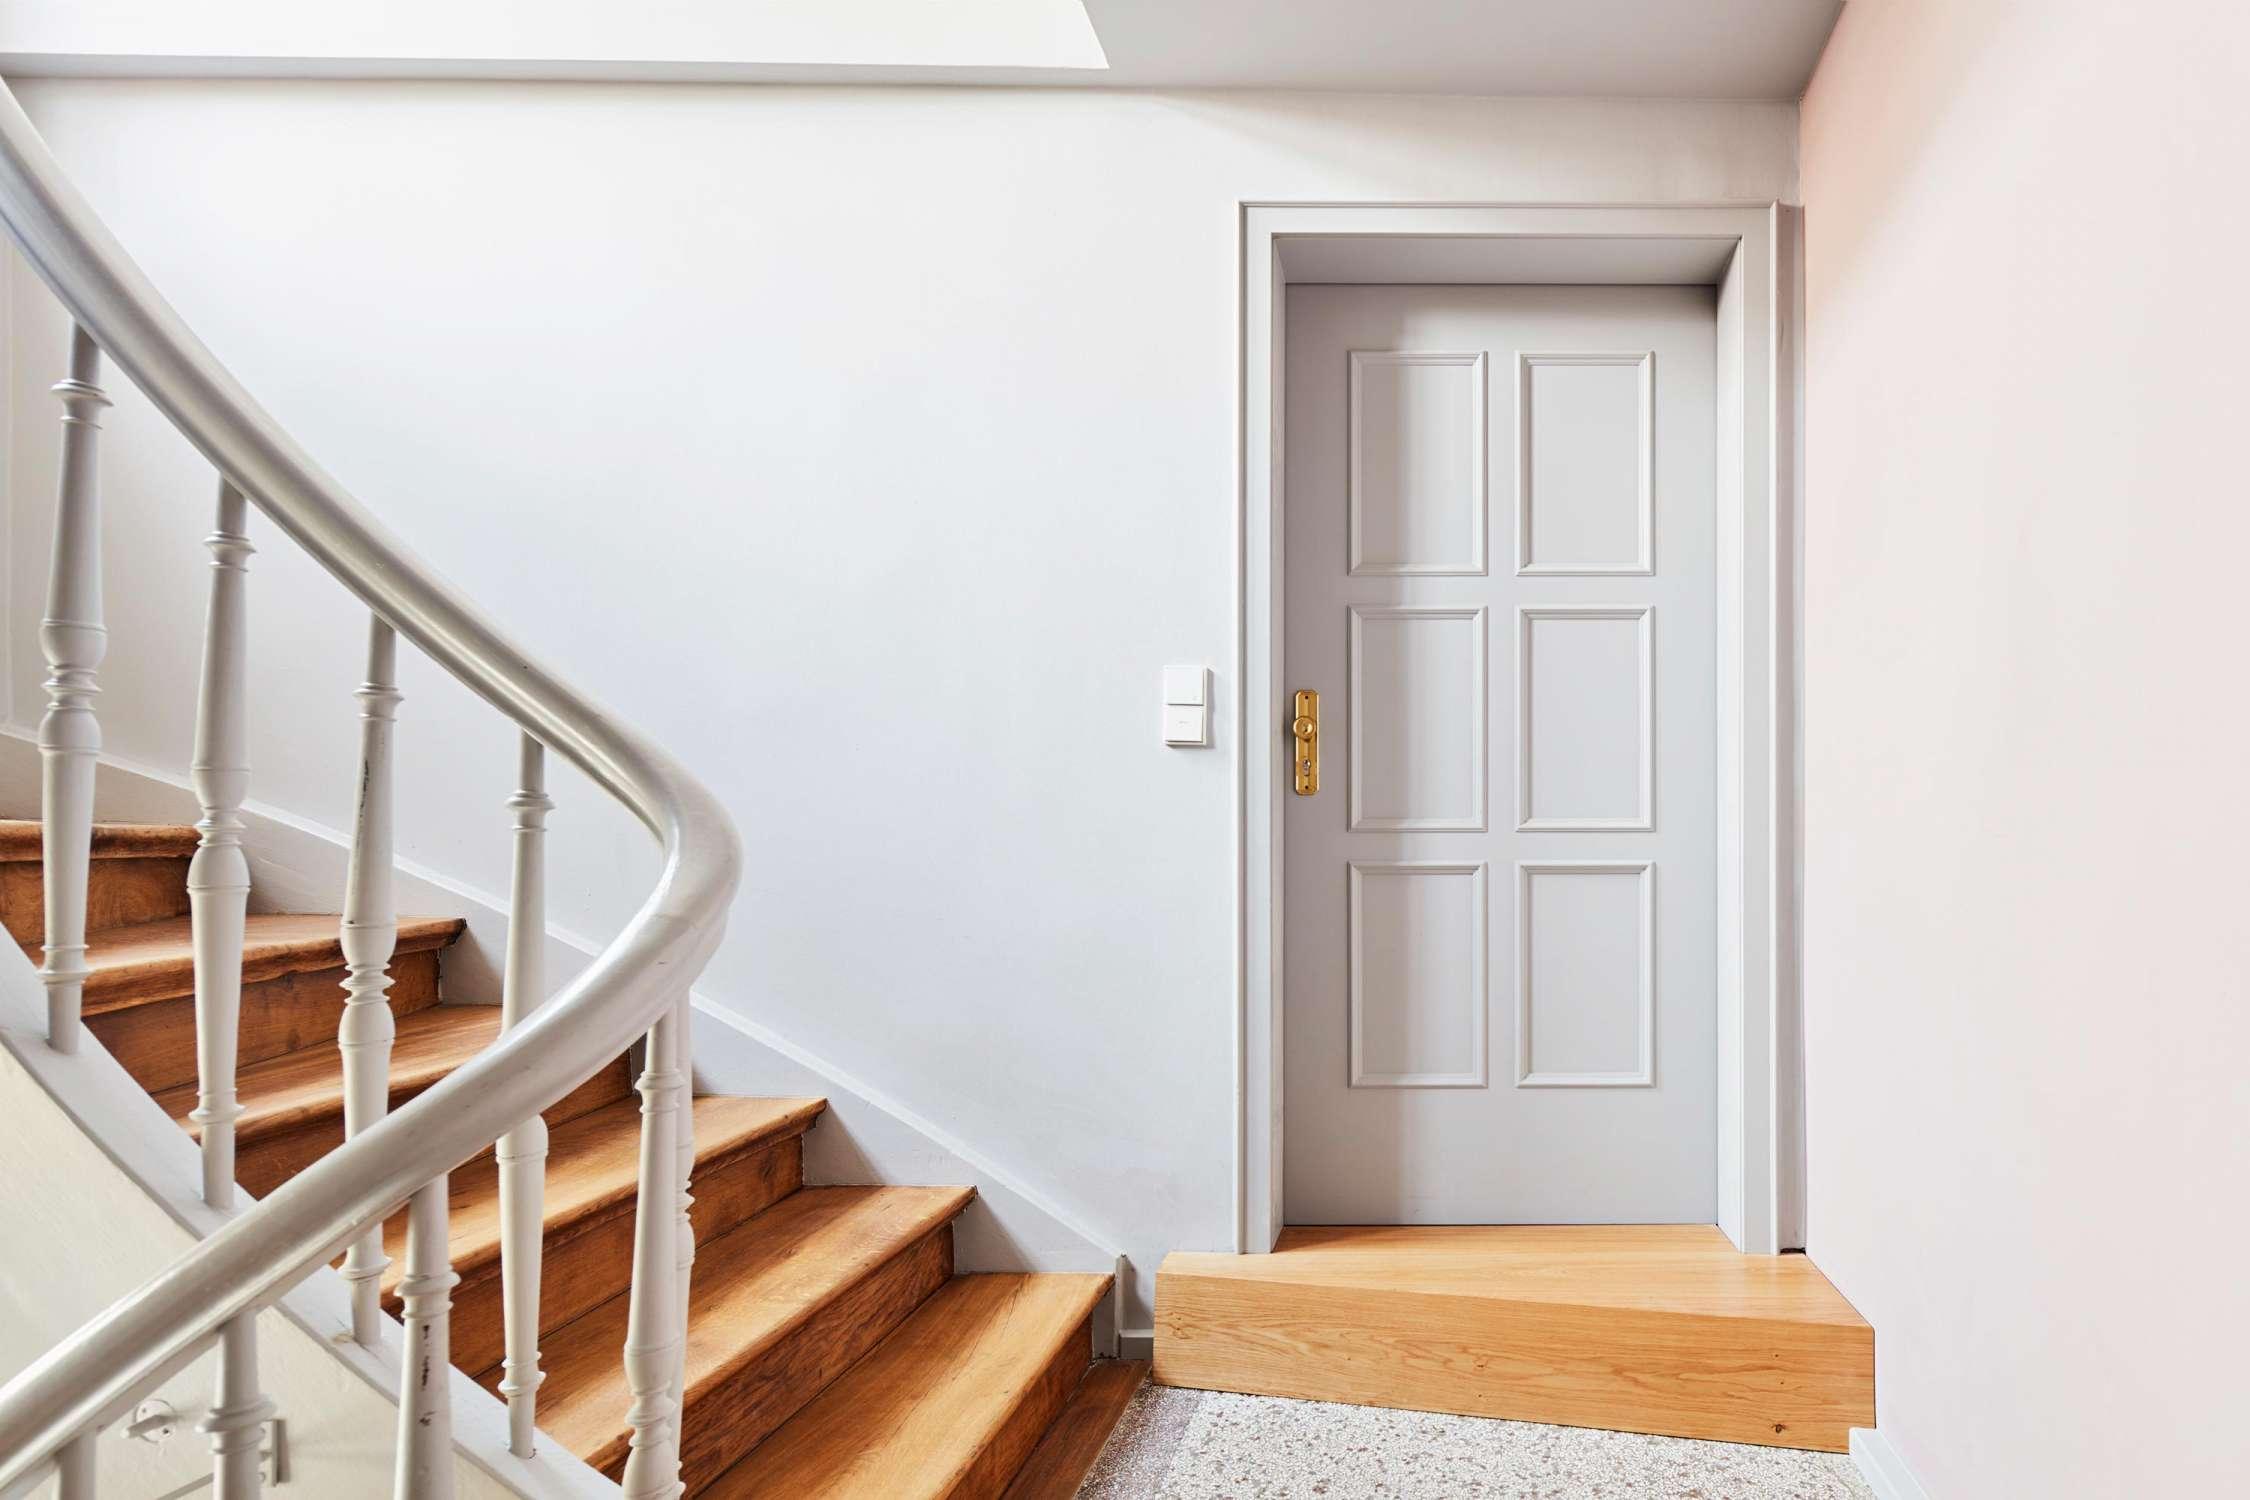 Sanierung Wohn- und Geschäftshaus Hafengasse 11 (10)